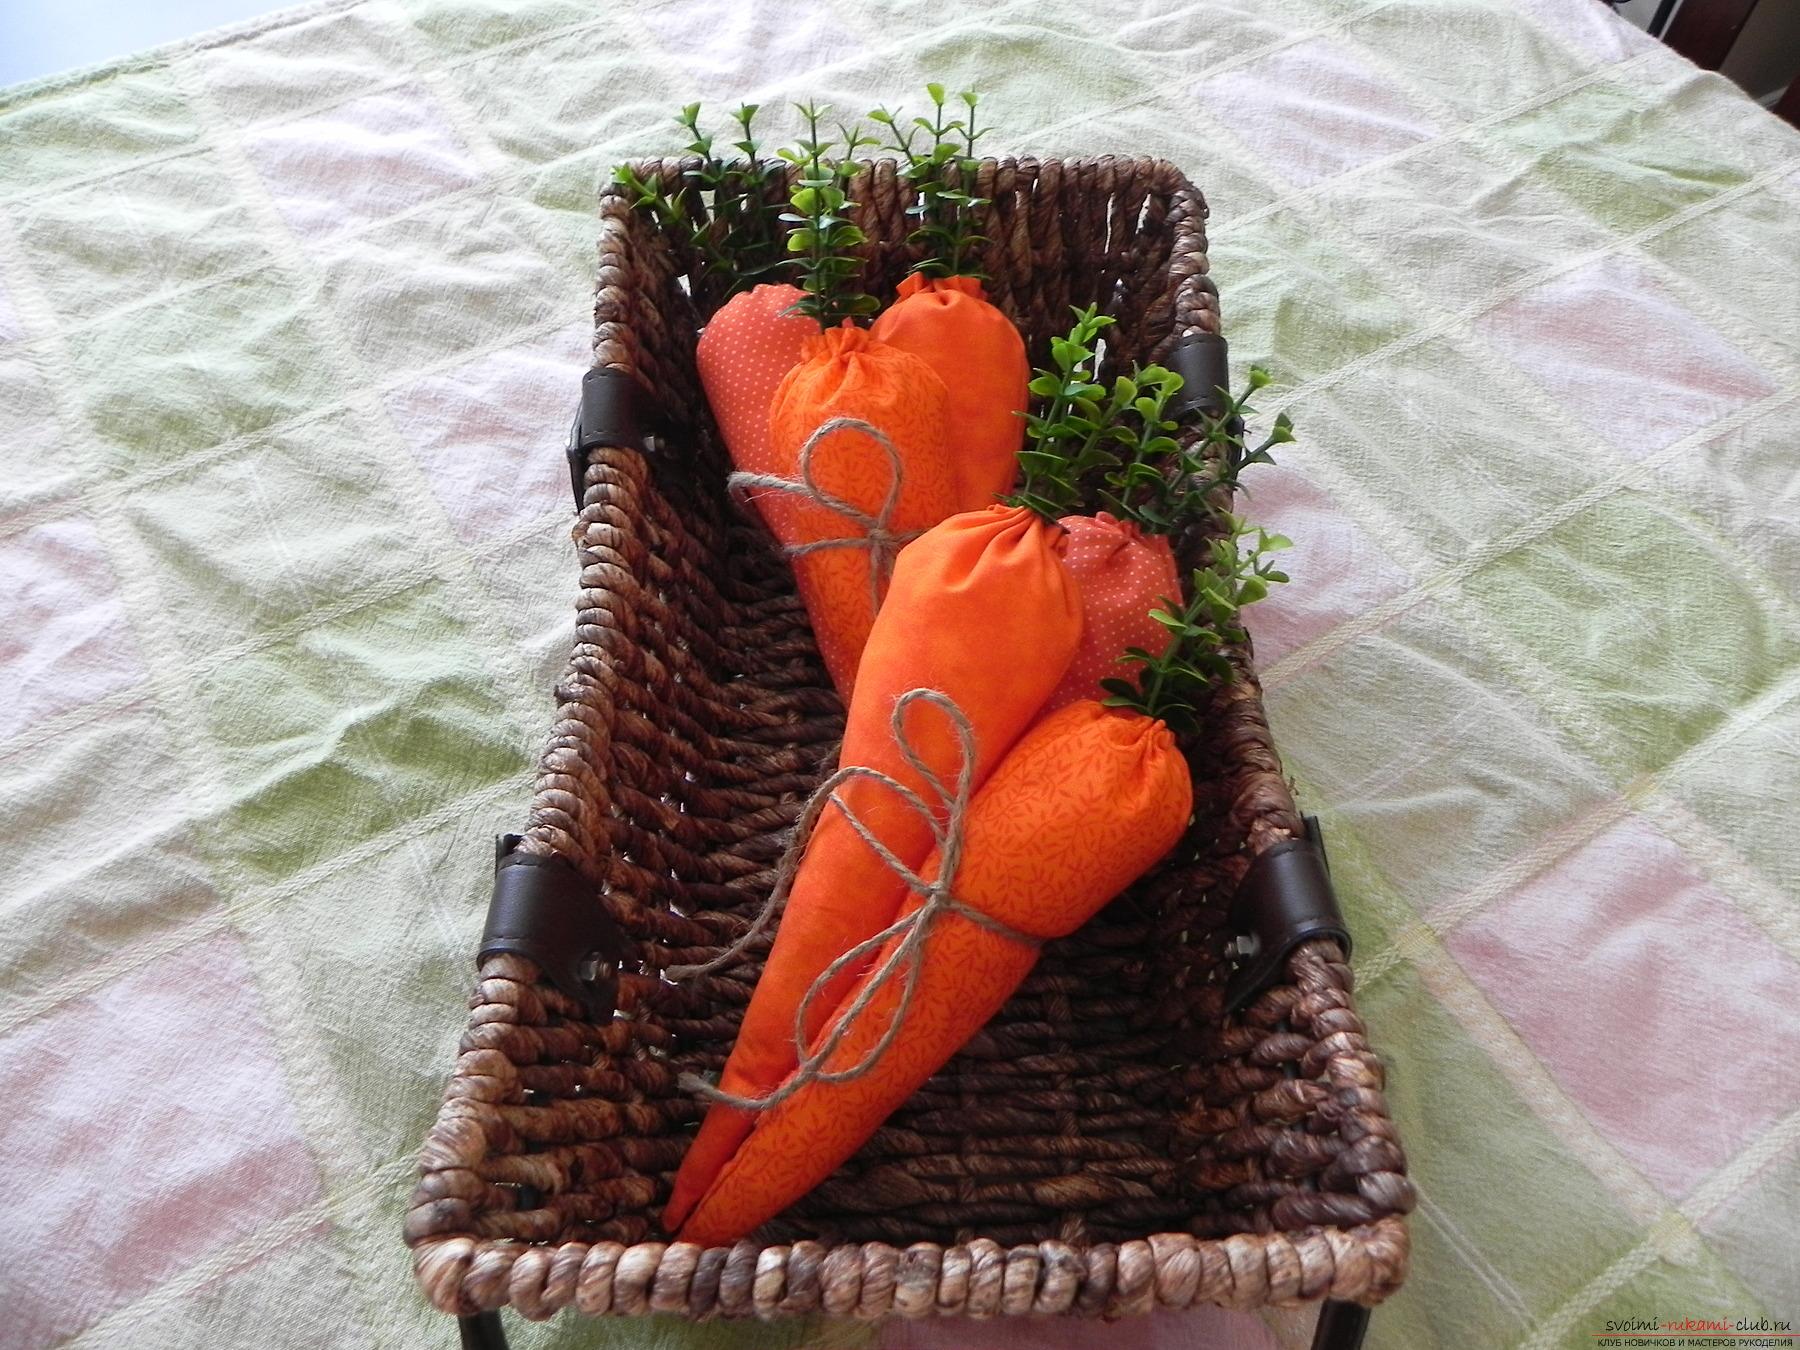 Детские поделки из овощей и фруктов (фото) Коробочка идей 37